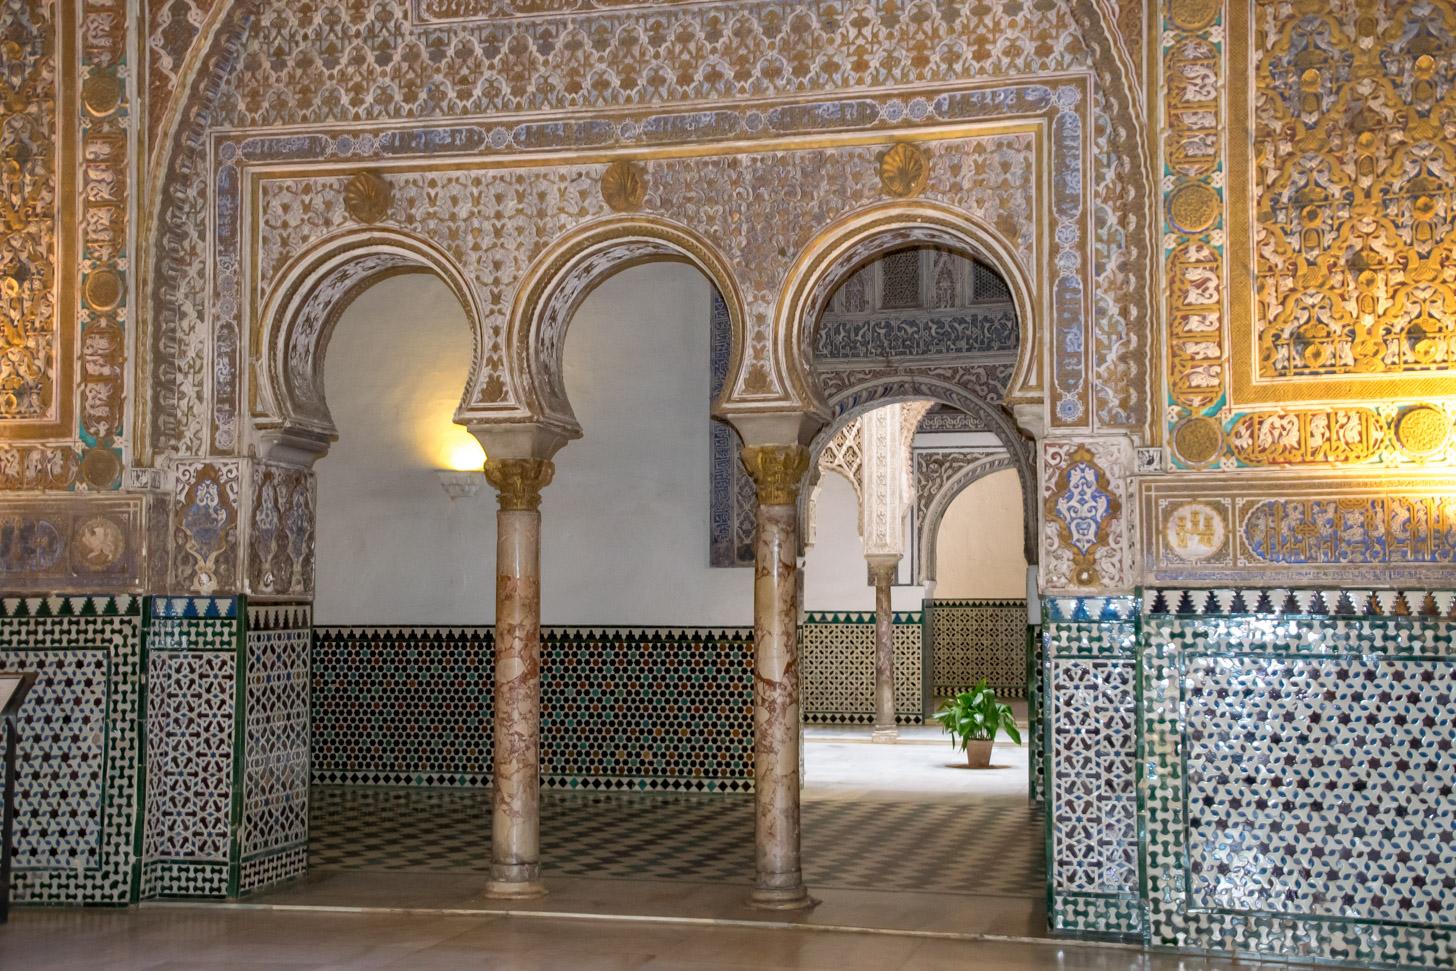 interieur van het Koninklijk Paleis van Sevilla